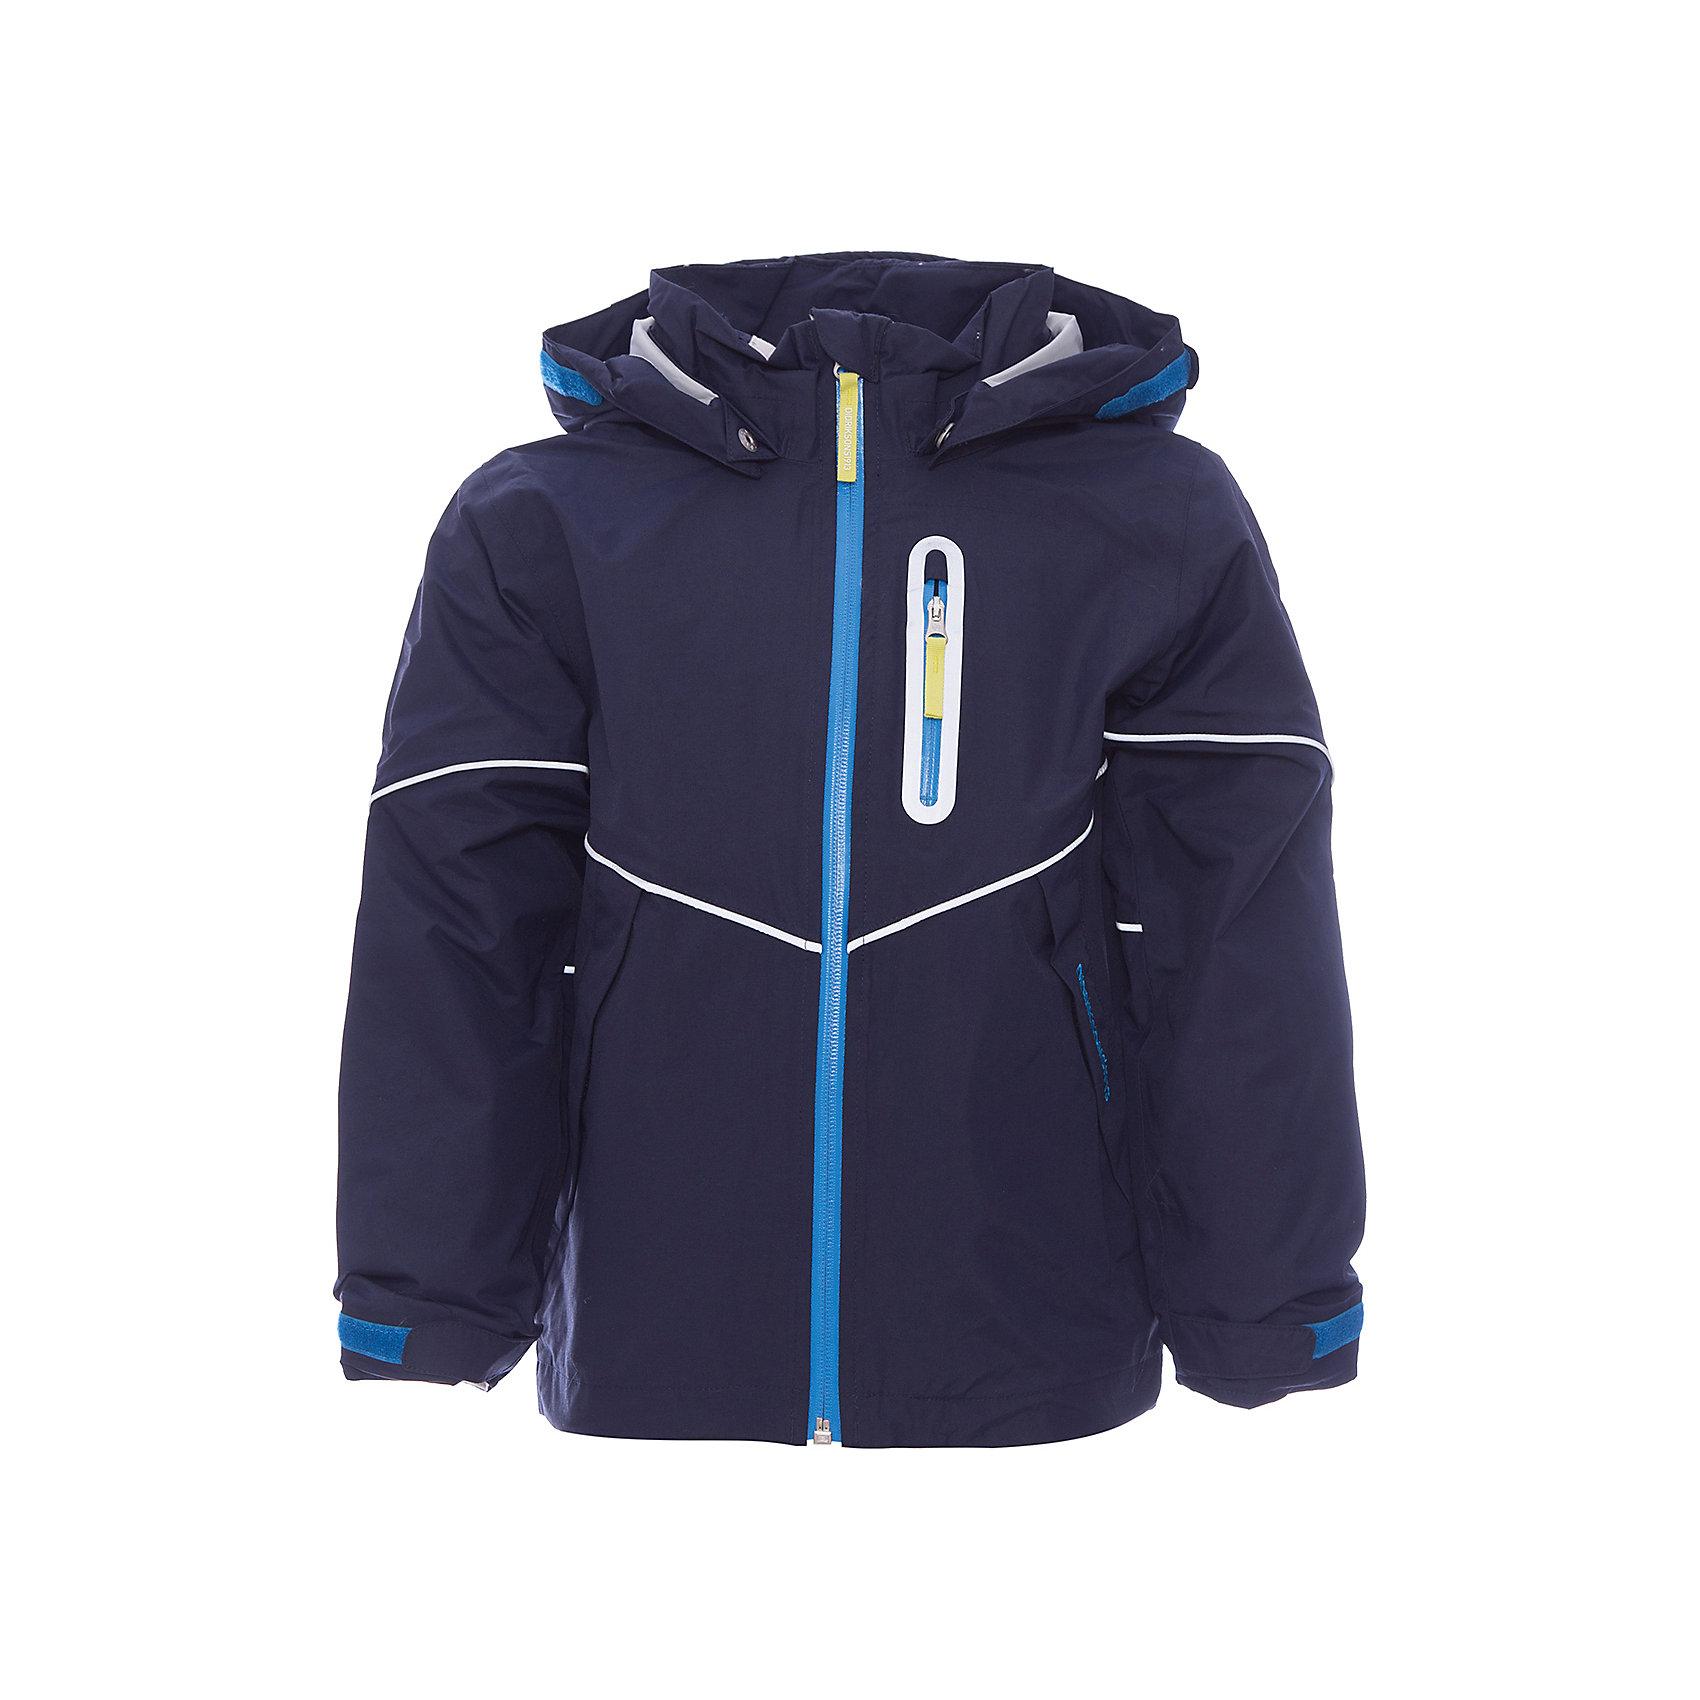 Куртка PANI для мальчика DIDRIKSONSВерхняя одежда<br>Характеристики товара:<br><br>• цвет: морской бриз<br>• материал: 100% полиамид<br>• подкладка: 100% полиэстер<br>• утеплитель: нет<br>• температурный режим: от +10°С до +20°С<br>• уровень влагонепроницаемости: 5000<br>• планка на молнии<br>• застежка: молния<br>• капюшон отстегивается с помощью кнопок<br>• защита подбородка от защемления<br>• карманы на молнии<br>• манжеты на липучке<br>• система увеличения размера<br>• ветронепродуваемая<br>• утяжка по подолу с фиксатором<br>• светоотражатели<br>• страна бренда: Швеция<br>• страна производства: Китай<br><br>Куртка из непромокаемой и непродуваемой мембранной ткани. Все швы проклеены, что обеспечивает максимальную защиту от внешней влаги. Подкладка из полиэстера. Съемный регулируемый капюшон. Рукава -  на резинке. Светоотражатели по линии кокетки и вдоль нагрудной молнии. <br><br>Модель растет вместе с ребенком: уникальный крой изделия позволяет при необходимости увеличить длину рукавов на один размер, распустив специальный внутренний шов. Практичная демисезонная куртка - идеальный вариант для прогулок на свежем воздухе в весеннюю или осеннюю пору.<br><br>Куртку PANI для мальчика от бренда DIDRIKSONS (Дидриксонс) можно купить в нашем интернет-магазине.<br><br>Ширина мм: 356<br>Глубина мм: 10<br>Высота мм: 245<br>Вес г: 519<br>Цвет: голубой<br>Возраст от месяцев: 18<br>Возраст до месяцев: 24<br>Пол: Мужской<br>Возраст: Детский<br>Размер: 90,100,140,130,120,80,110<br>SKU: 5527255